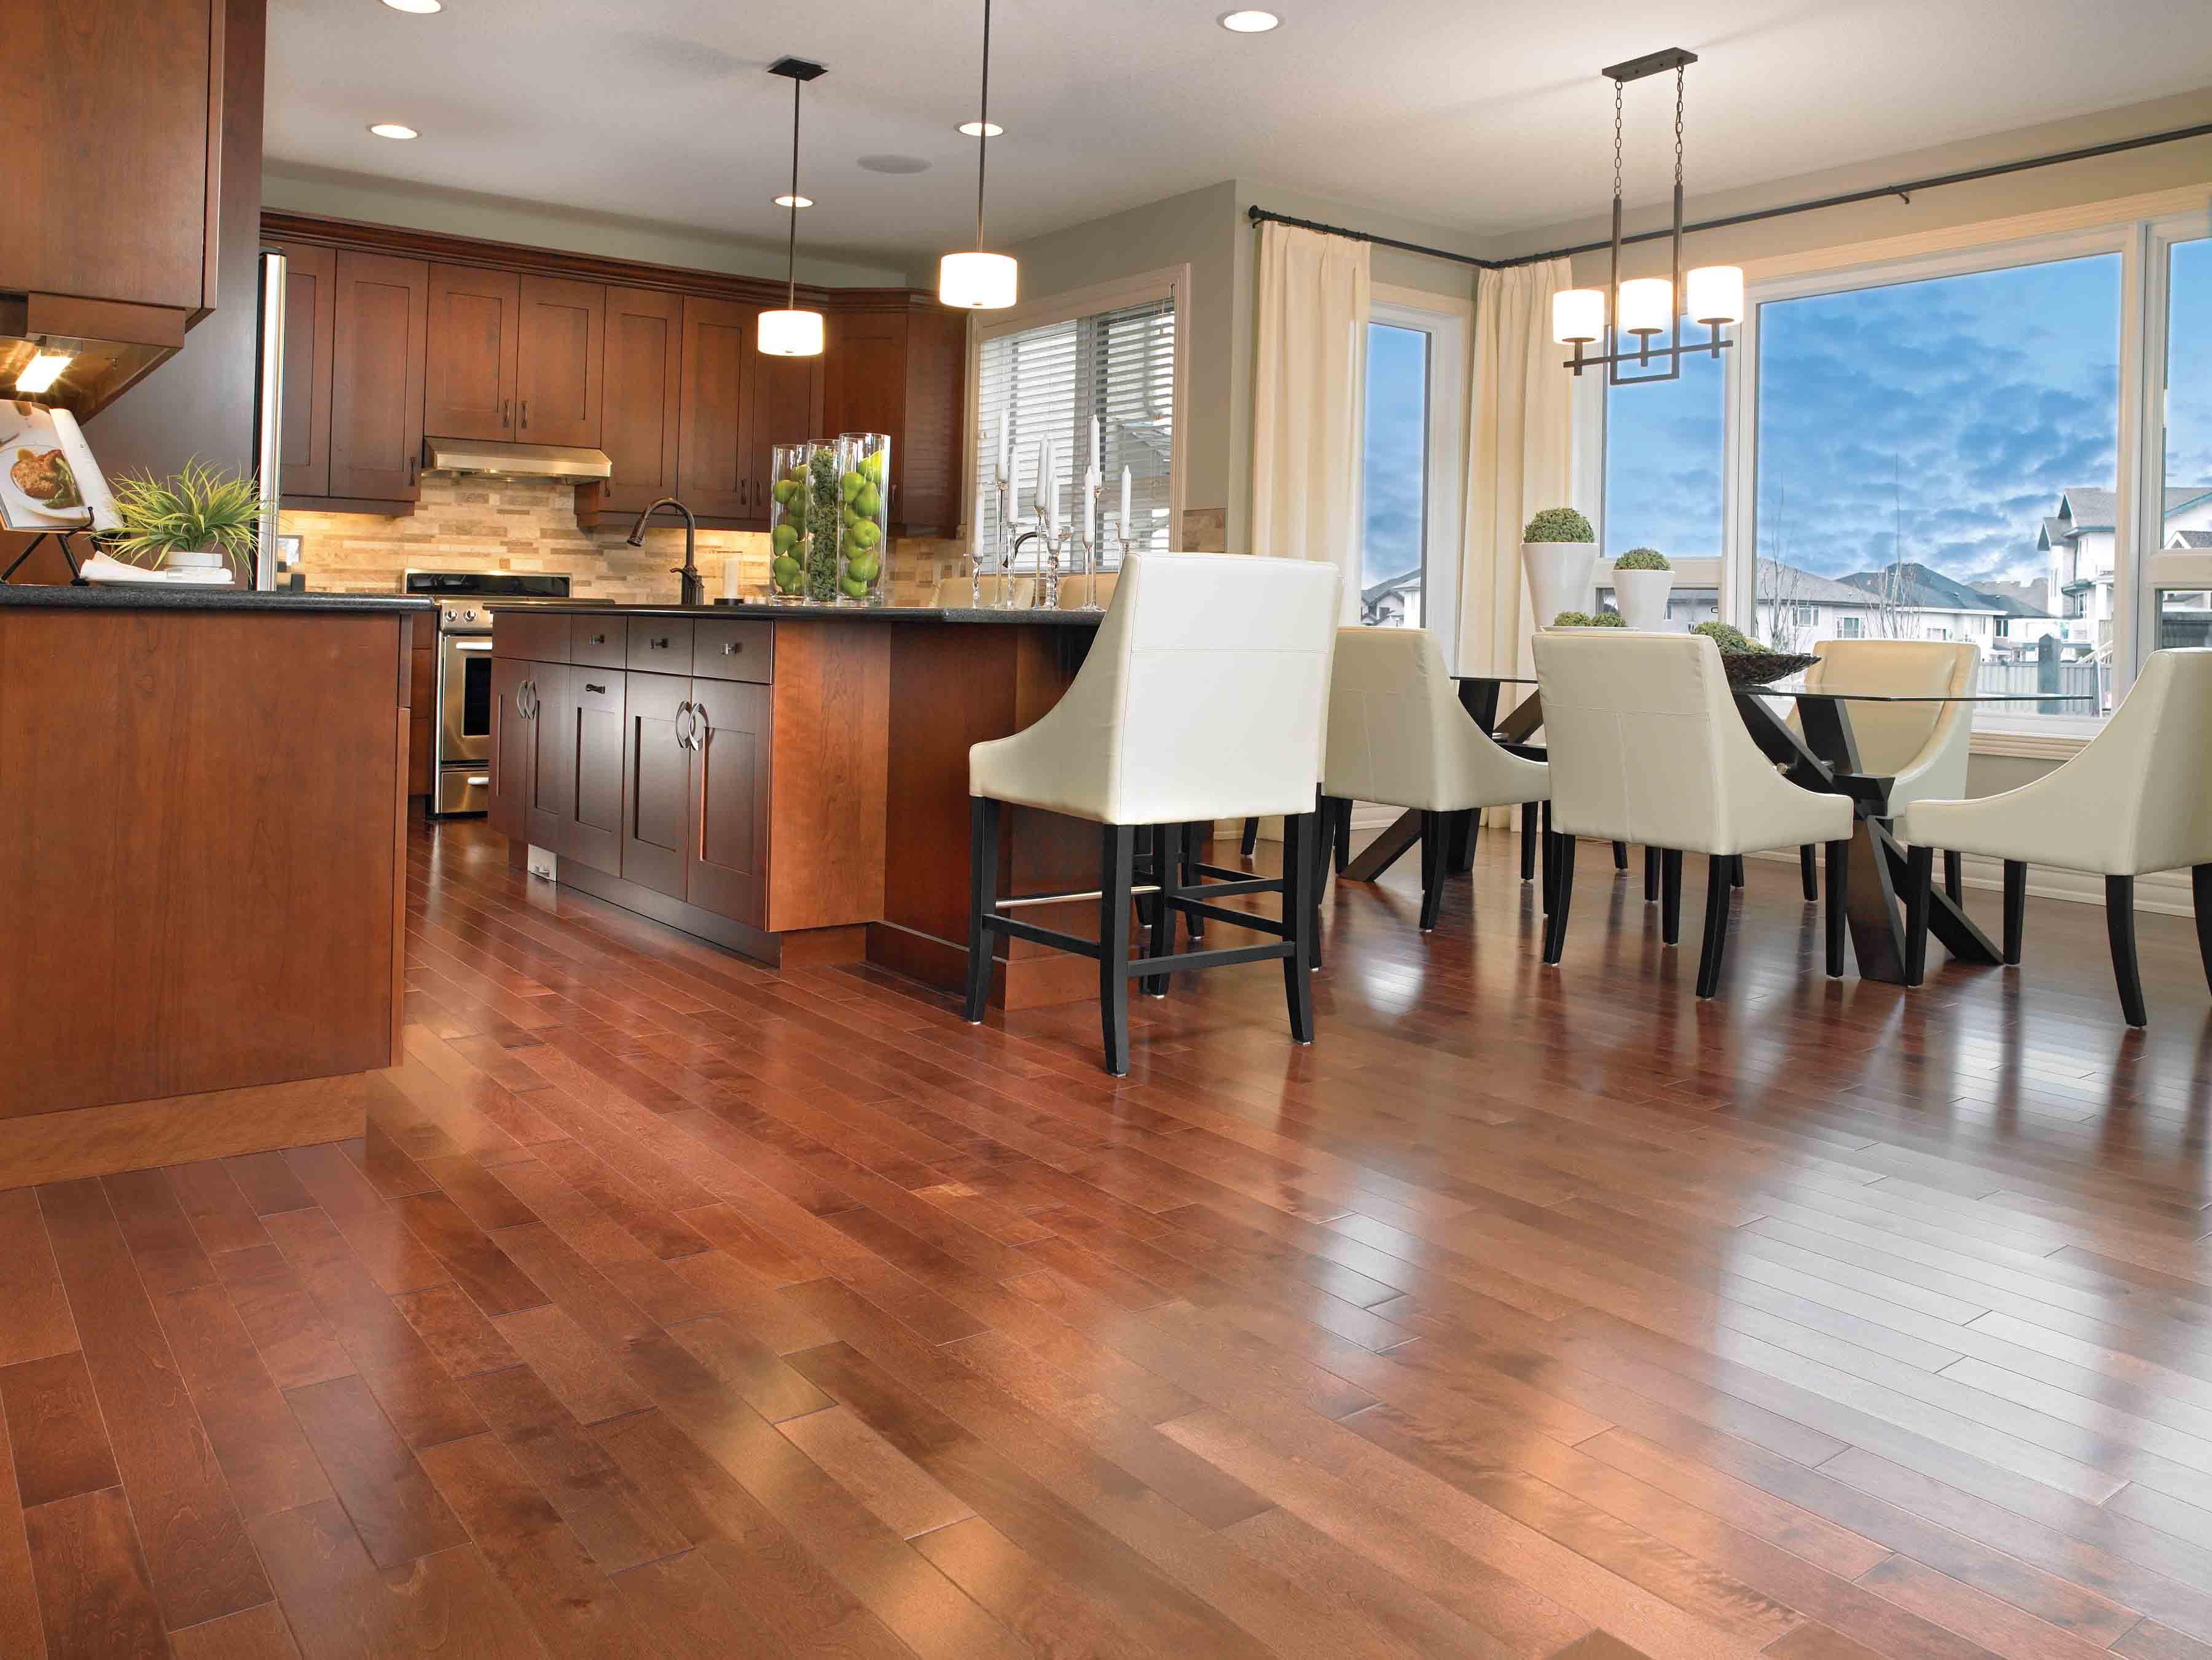 Kitchen Hardwood Flooring 3600 x 2702